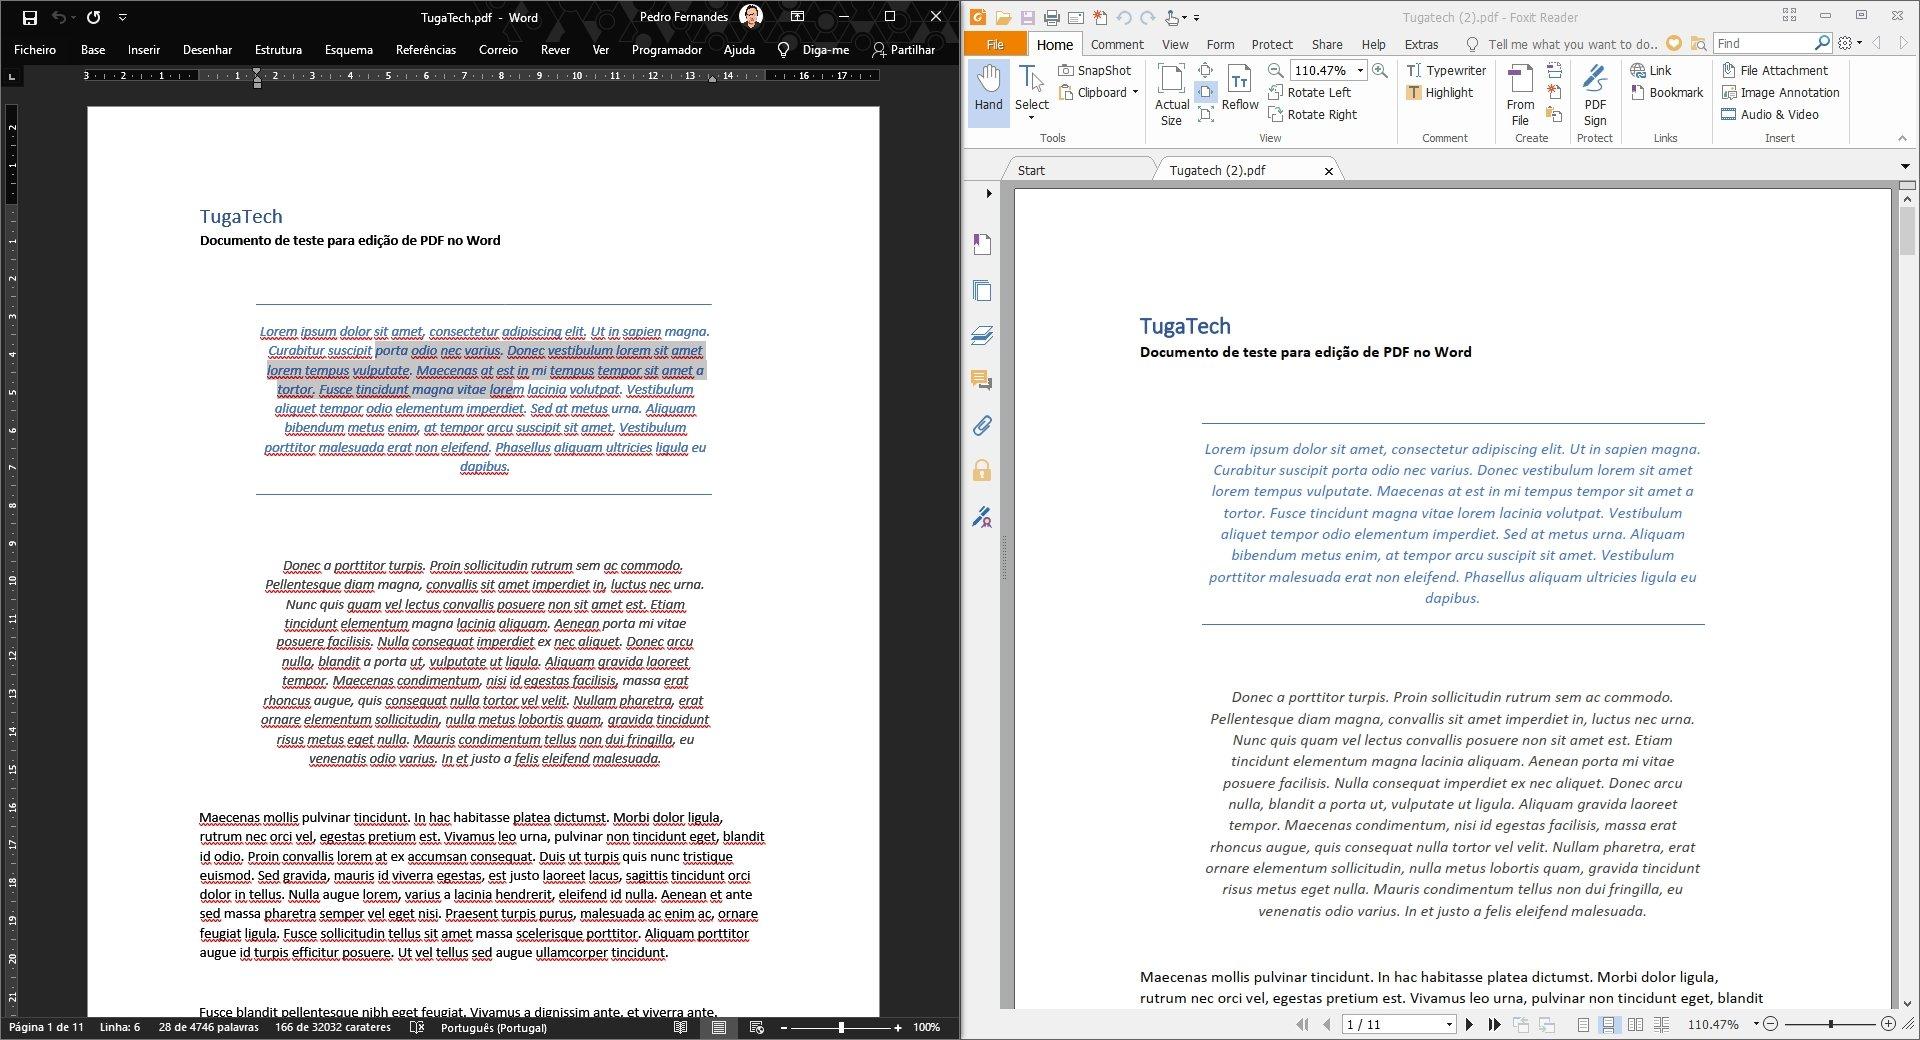 converter em PDF via o Word